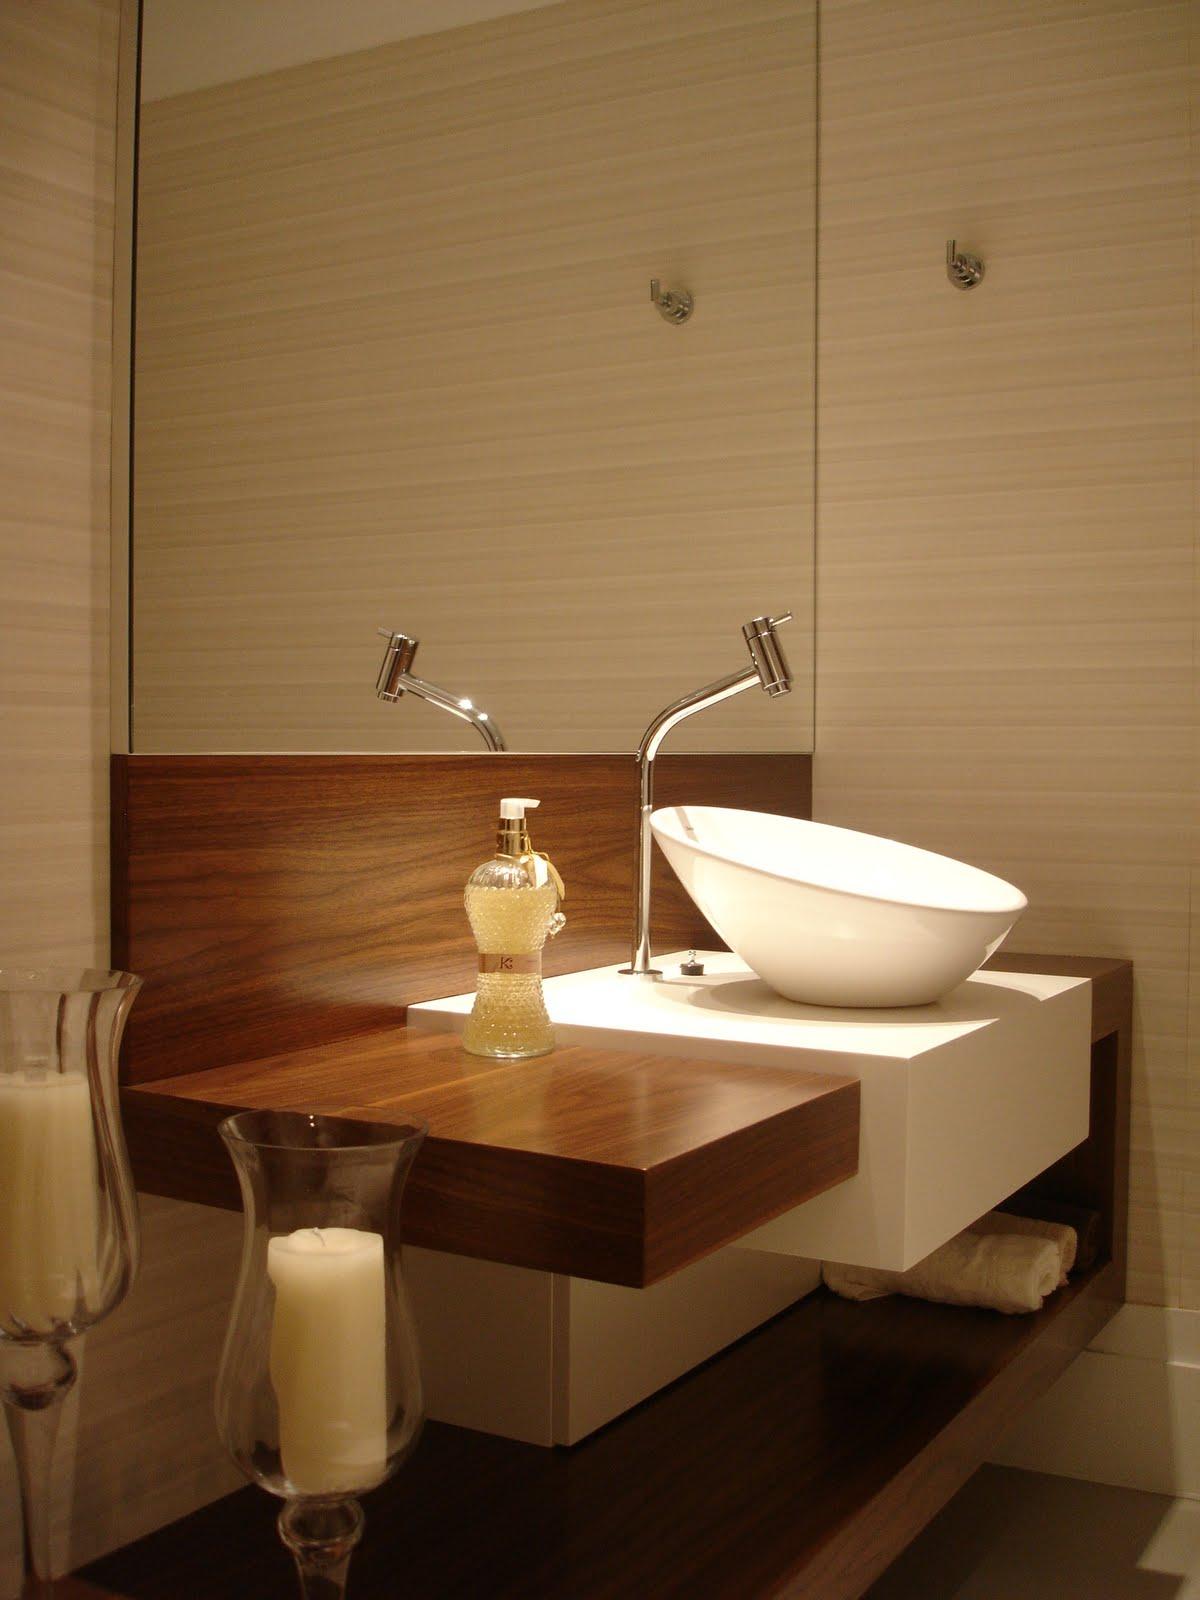 Aparador Adega Branco ~ Cuba para Banheiro Tipos, Modelos e 60 Fotos Incríveis!